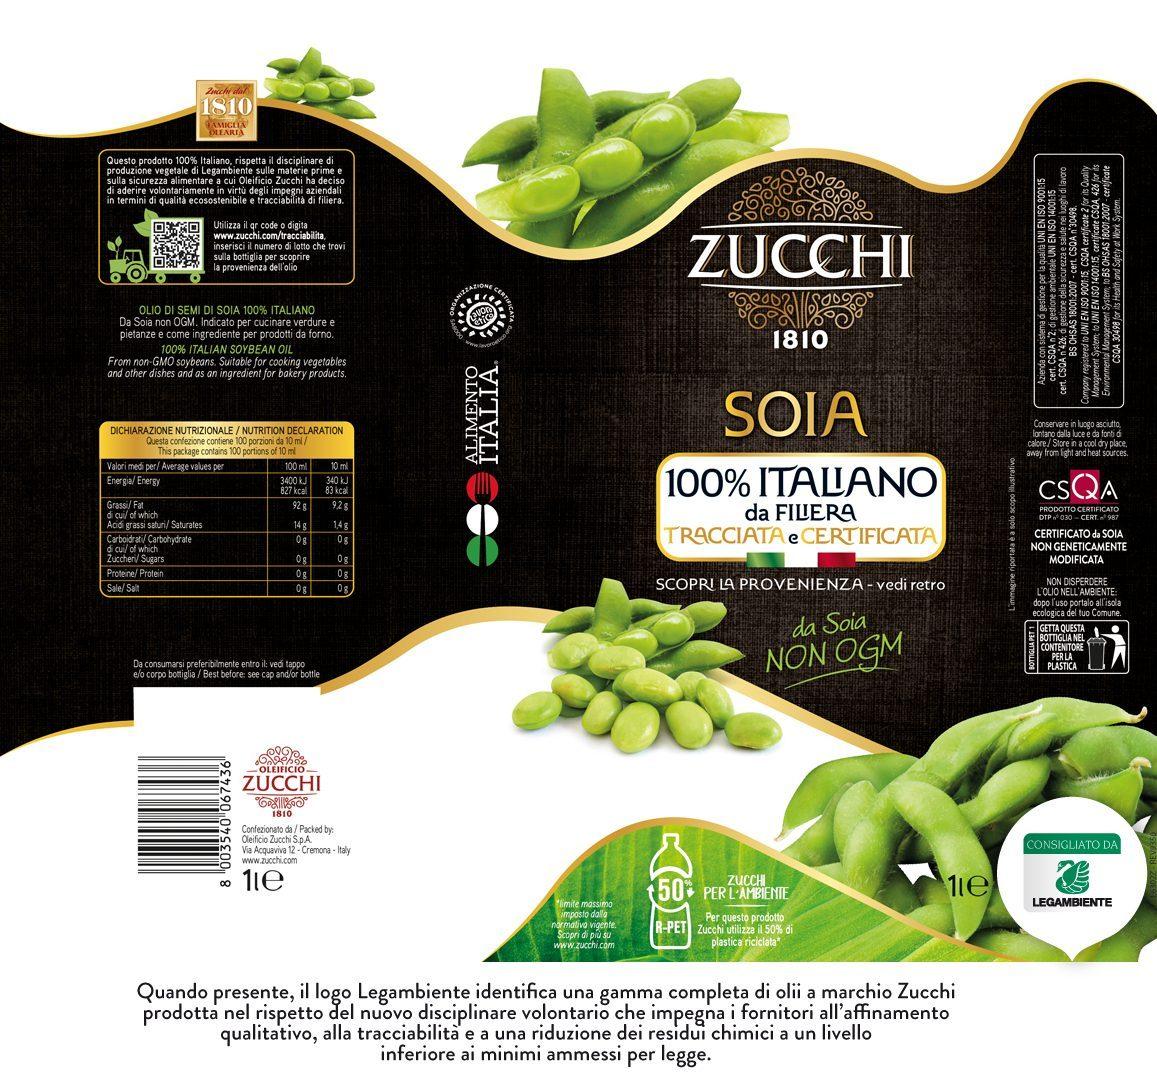 E6302Z Zucchi Soia 100% Ita Legambiente 1l